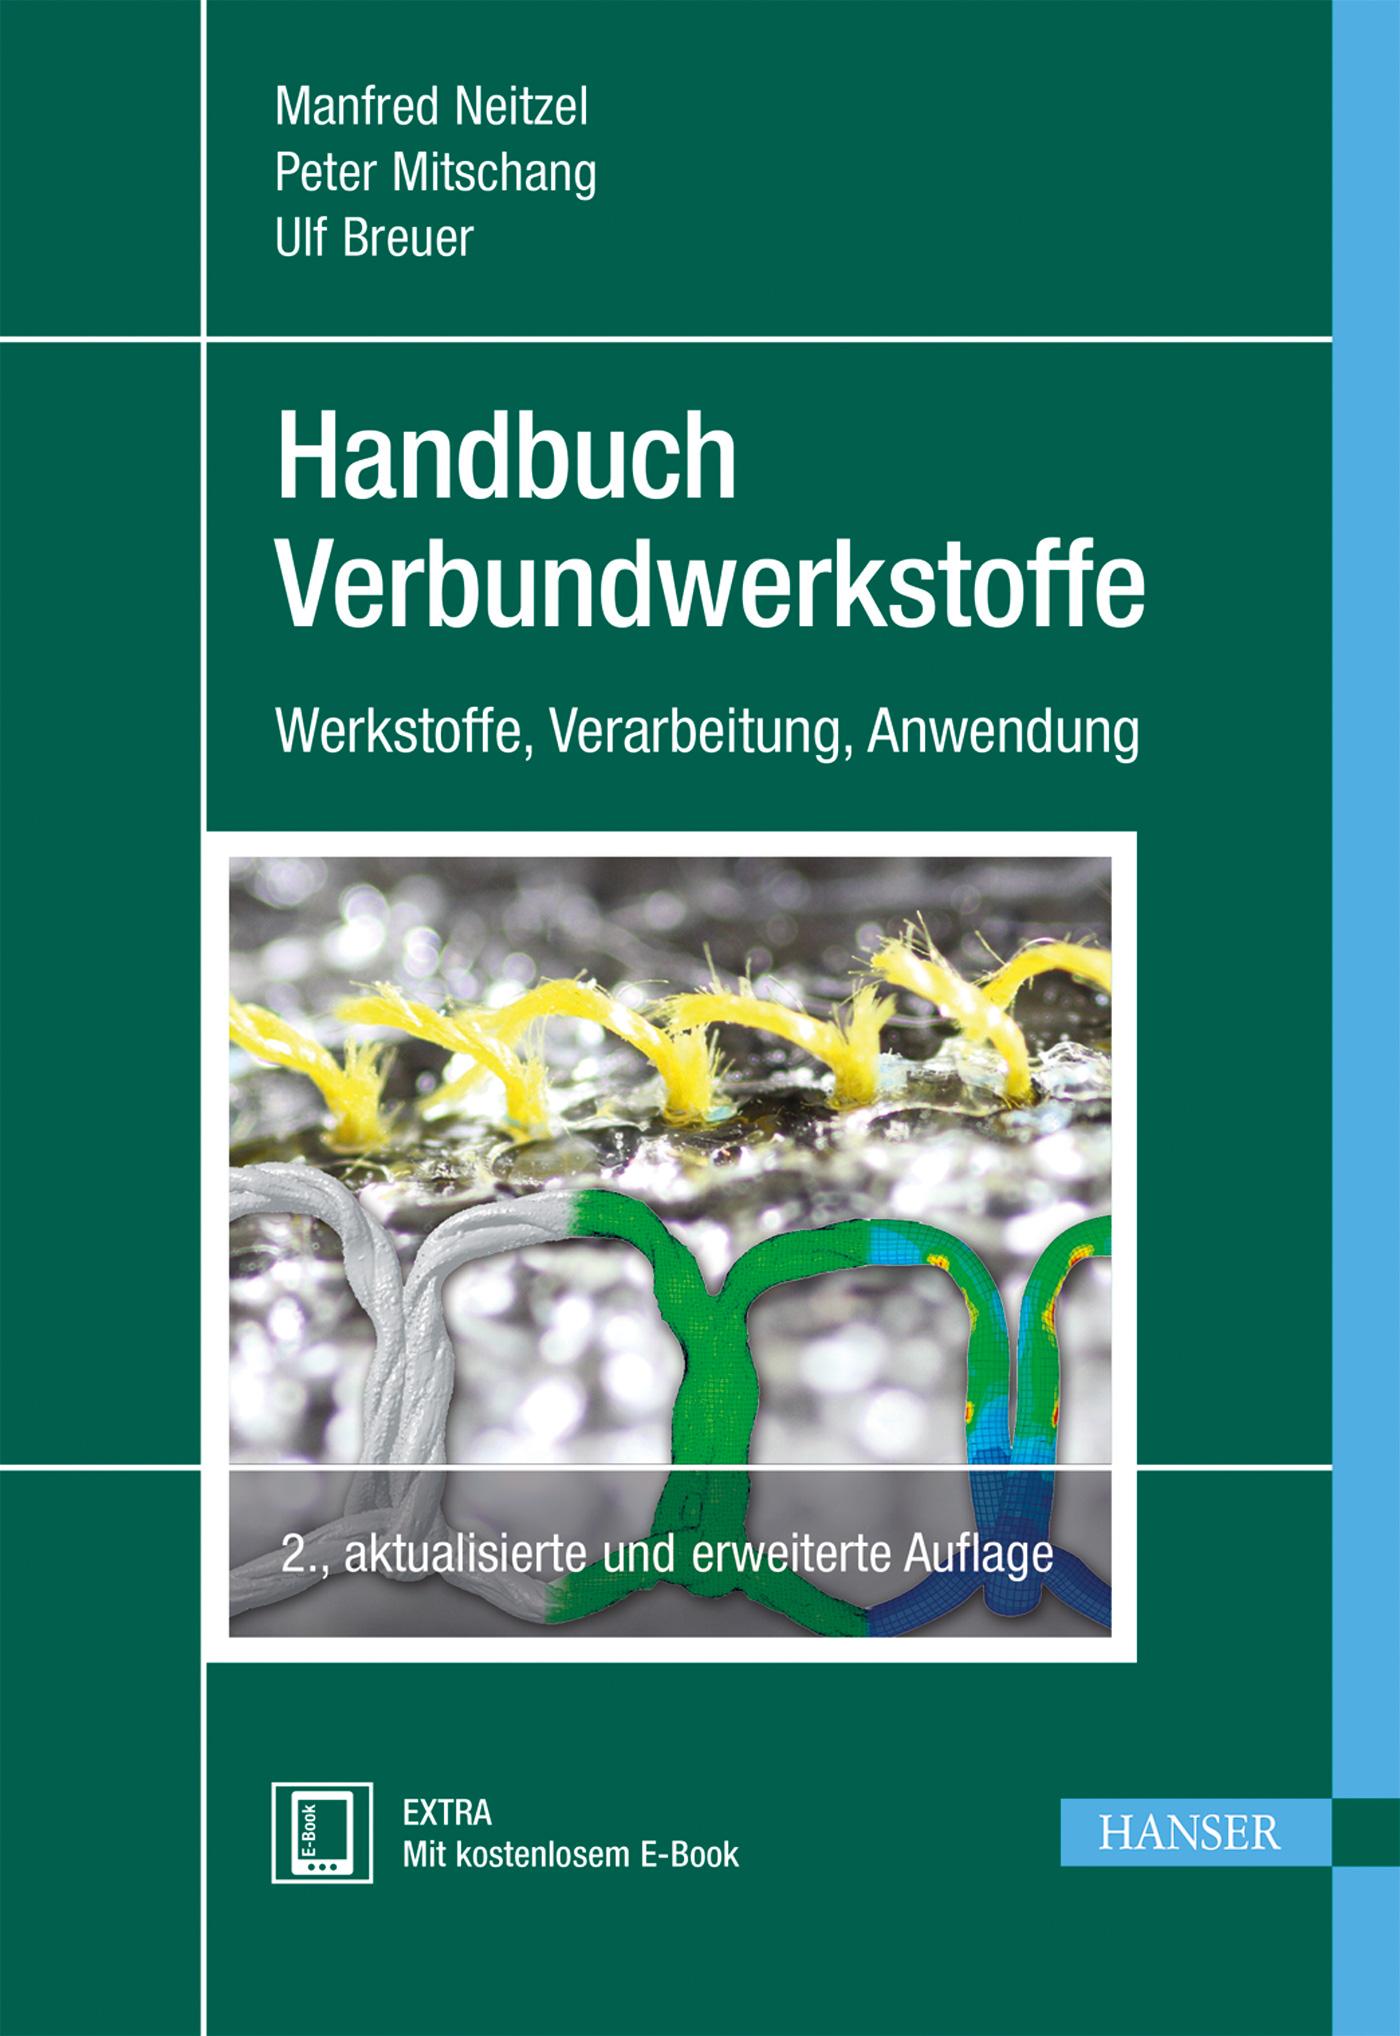 Handbuch Verbundwerkstoffe, 978-3-446-43696-1